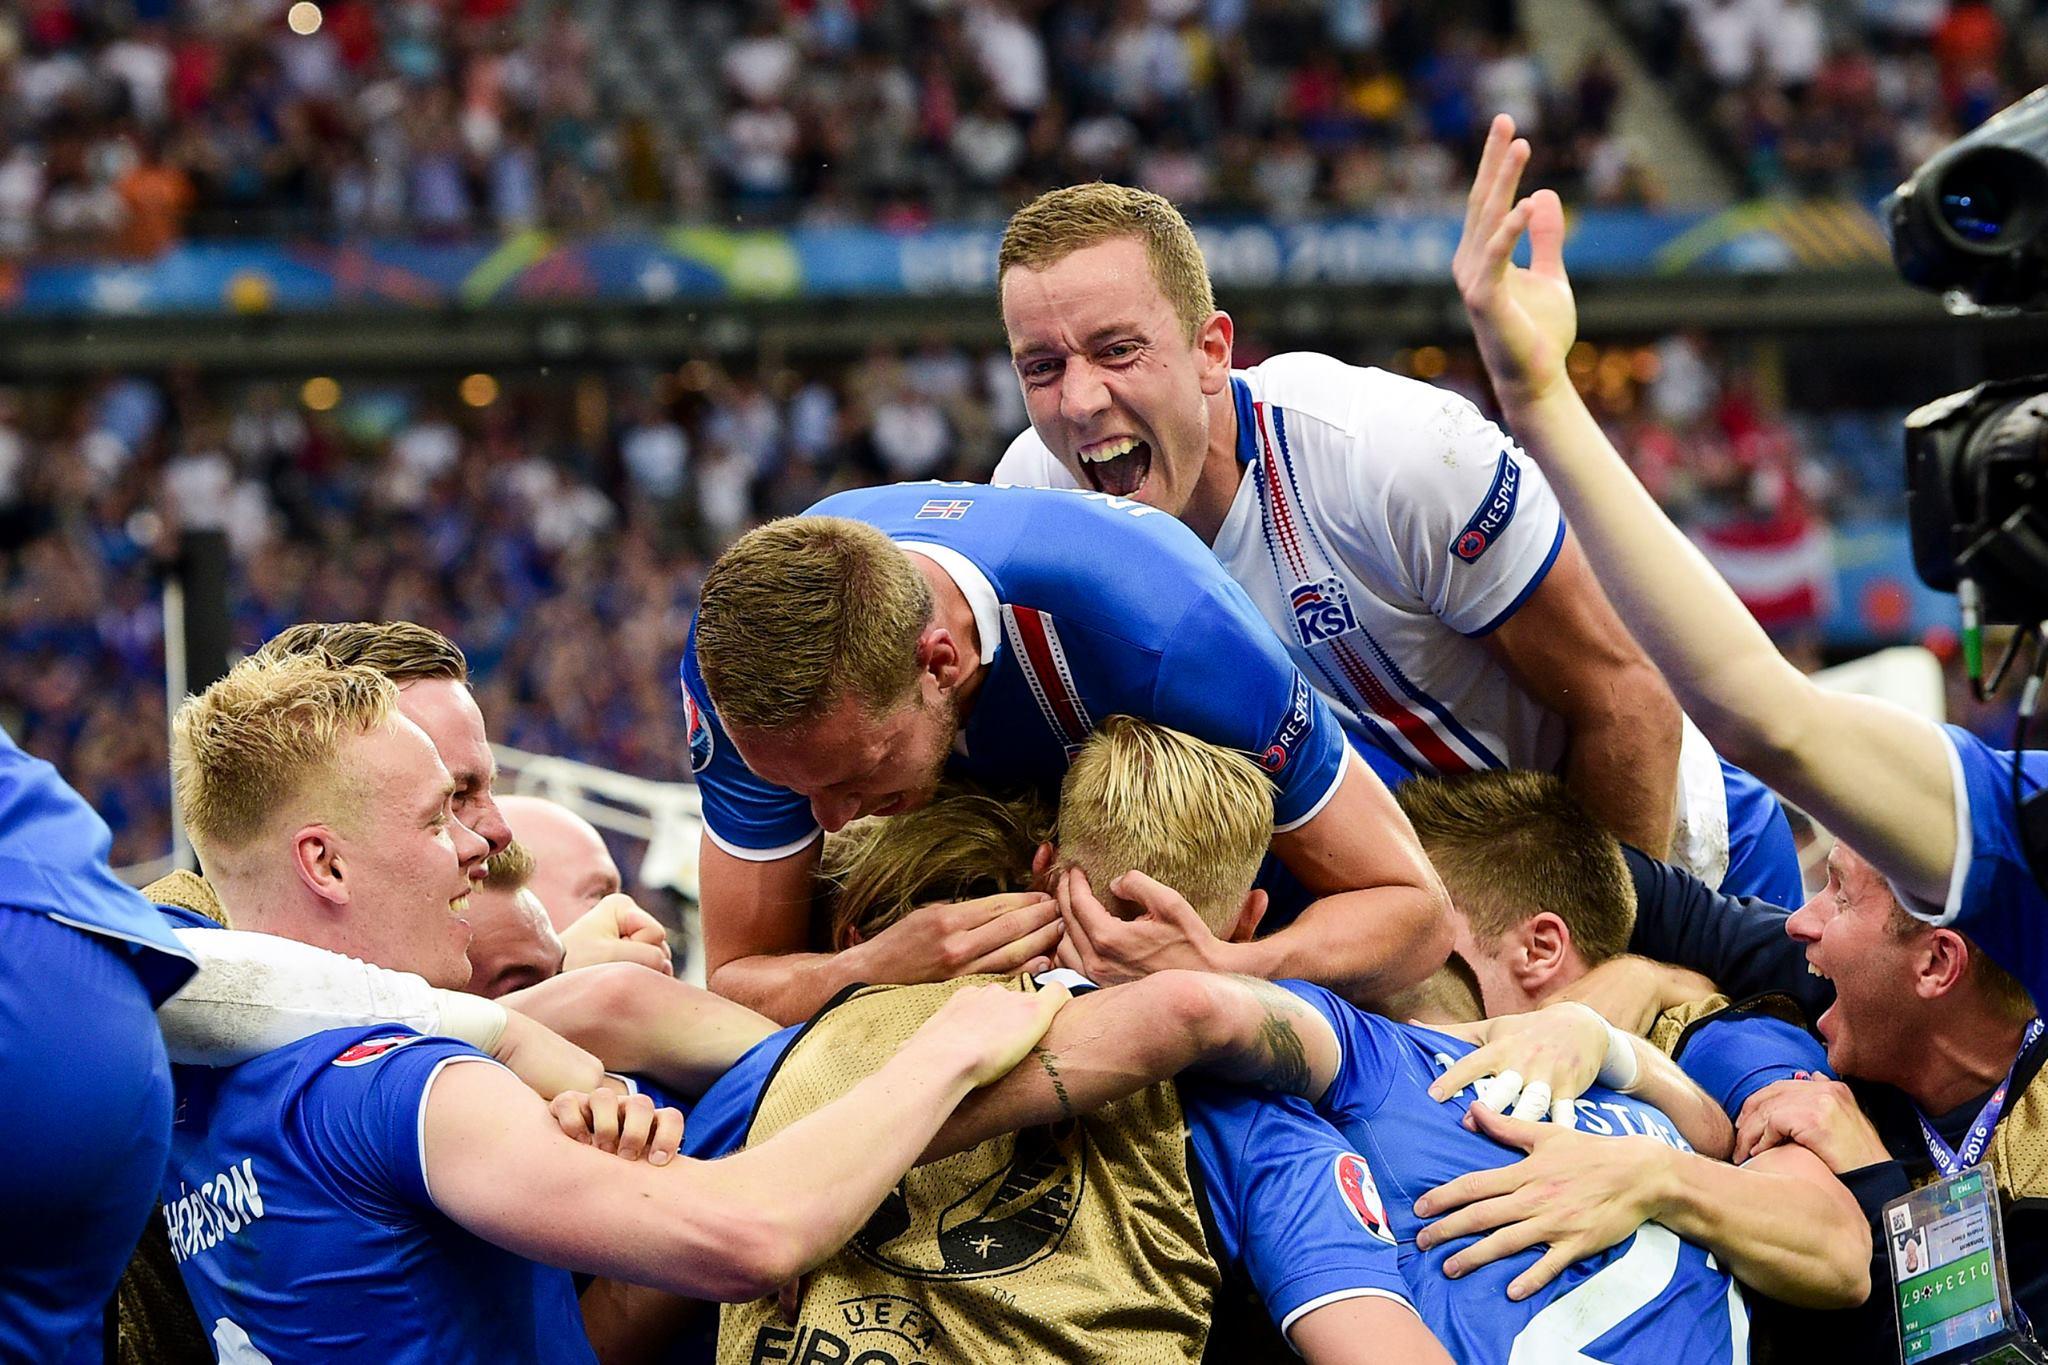 Сборная Исландии по футболу своей игрой на Евро-2016 завоевала симпатии многих жителей Карелии. Фото с официальной страницы Футбольной ассоциации Исландии в Facebook